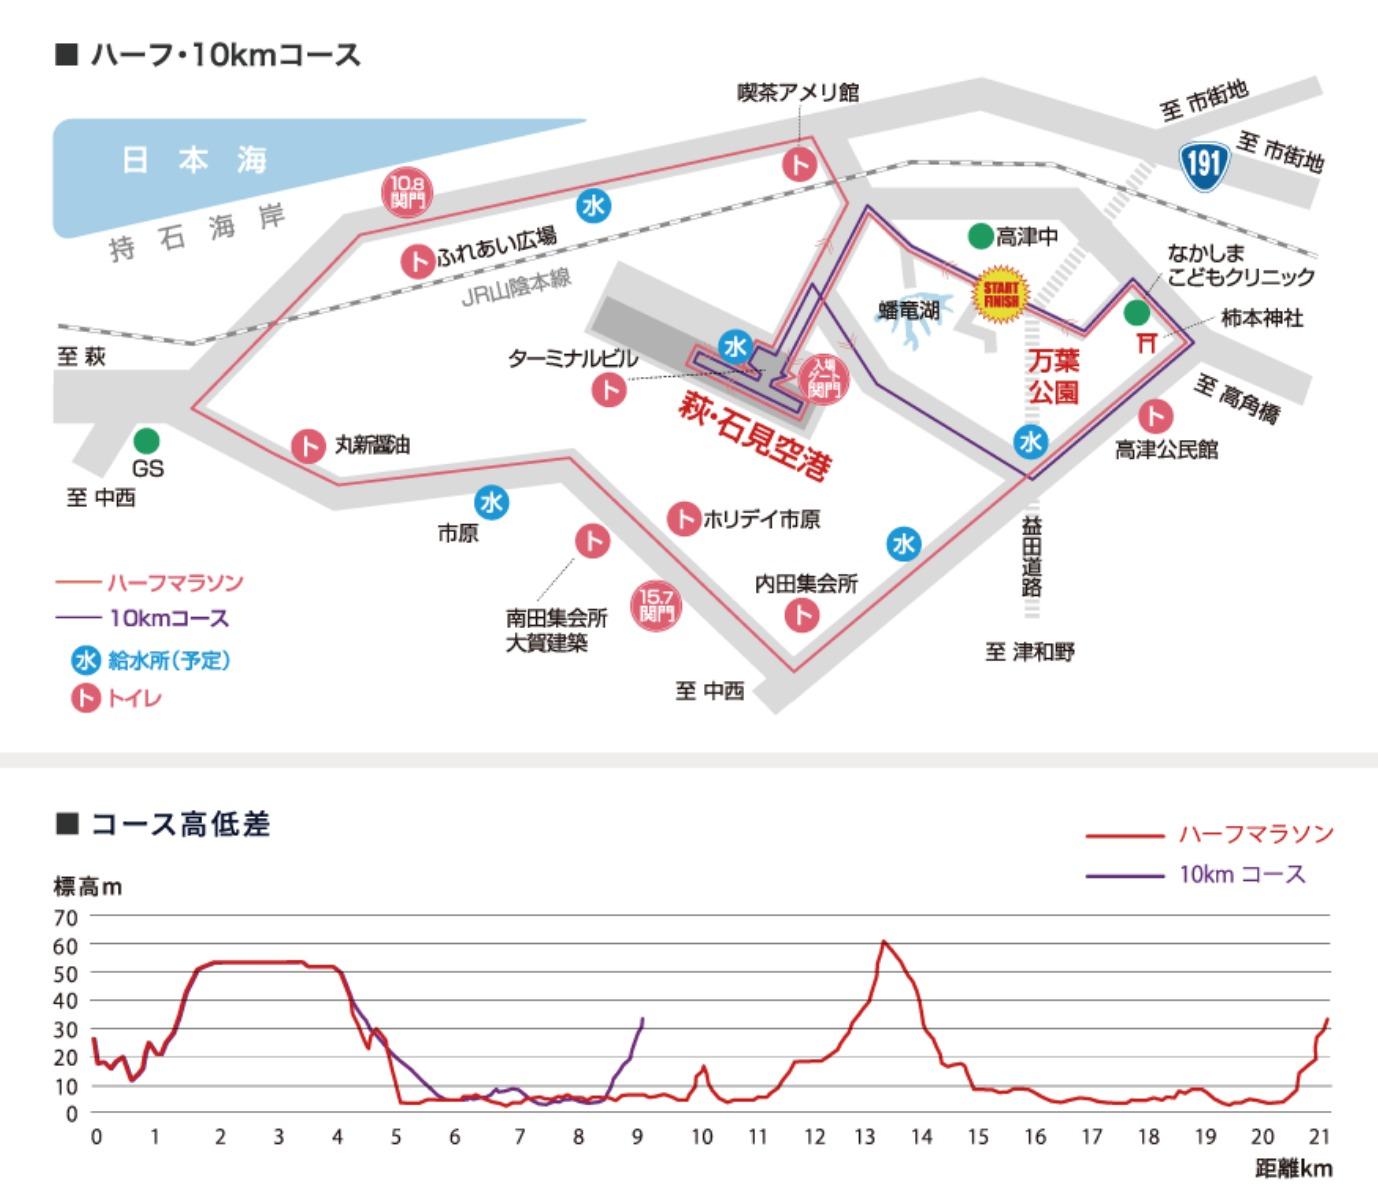 萩・石見空港マラソンコースマップ